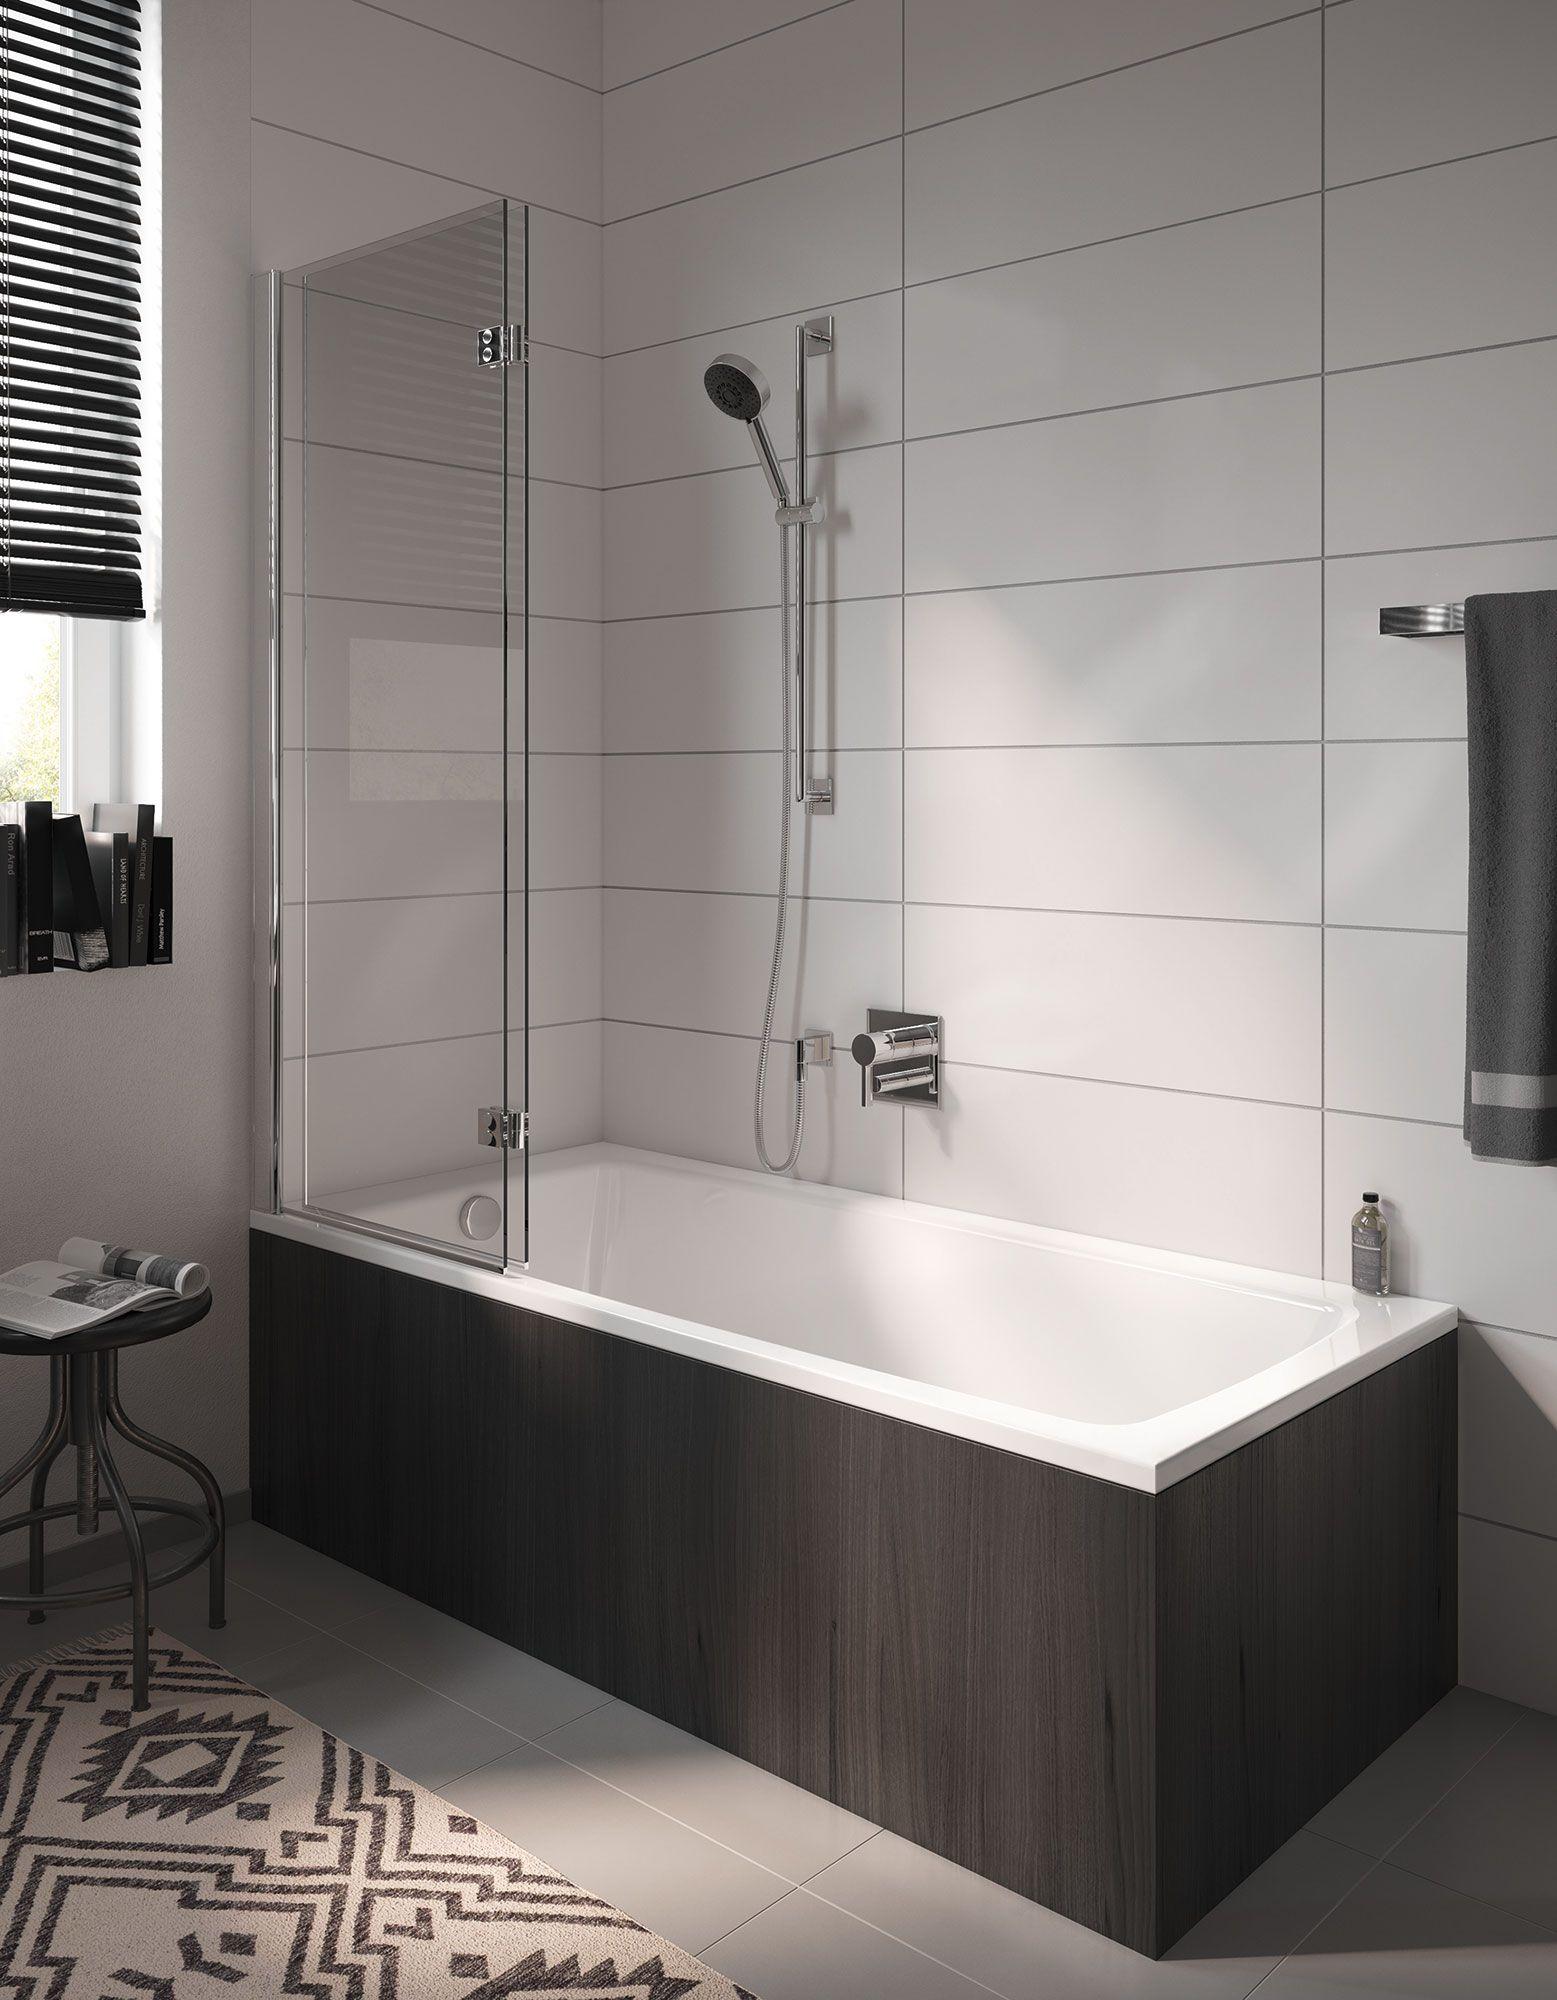 Sieben Gestaltungstipps Fur Kleine Bader In 2020 Barrierefrei Bad Badgestaltung Bad